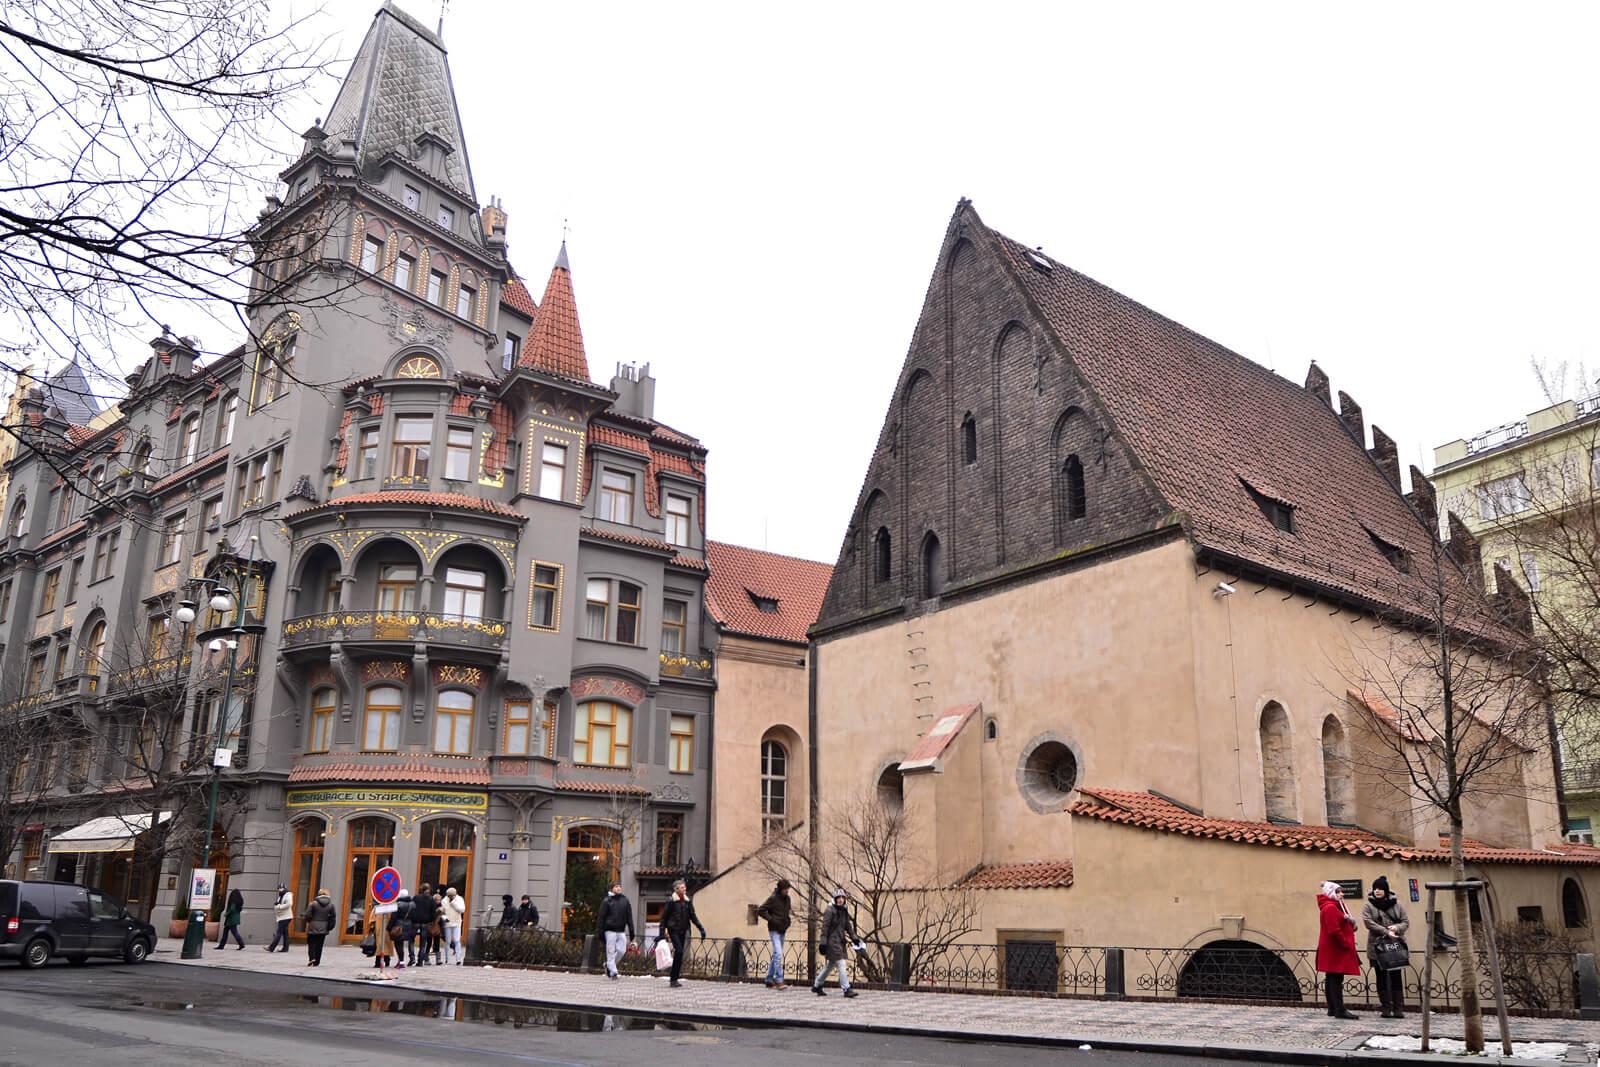 Фото в Еврейском квартале в Праге